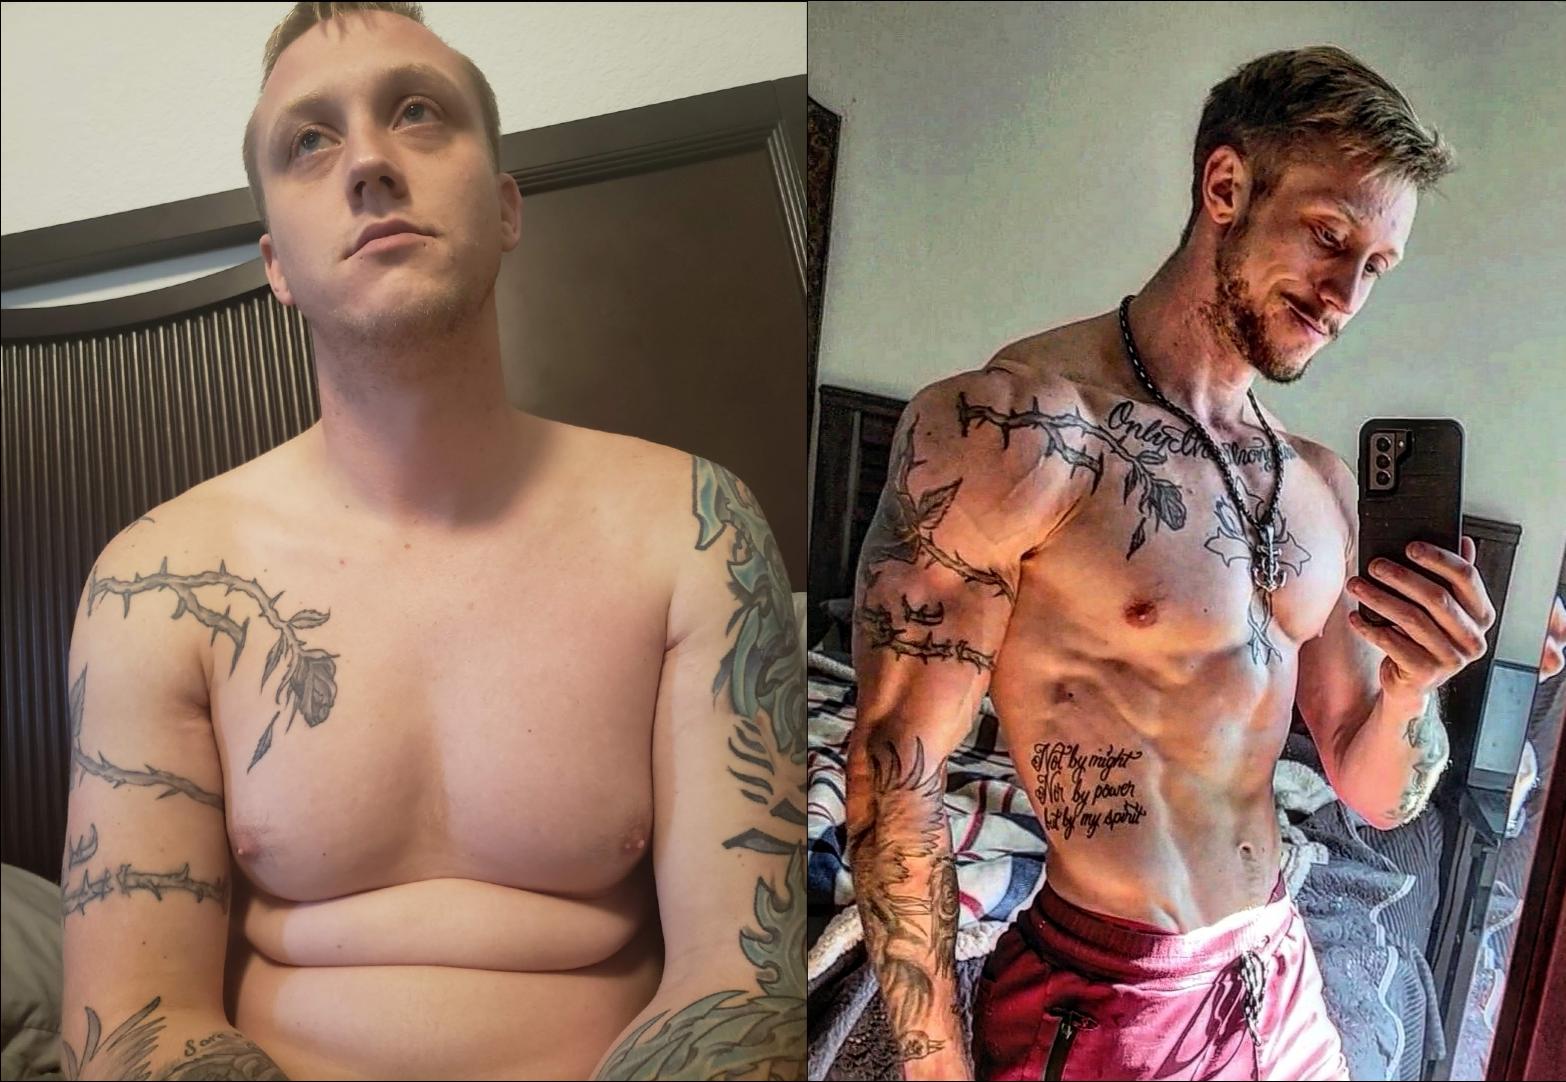 6 foot 1 Male Progress Pics of 30 lbs Fat Loss 190 lbs to 160 lbs